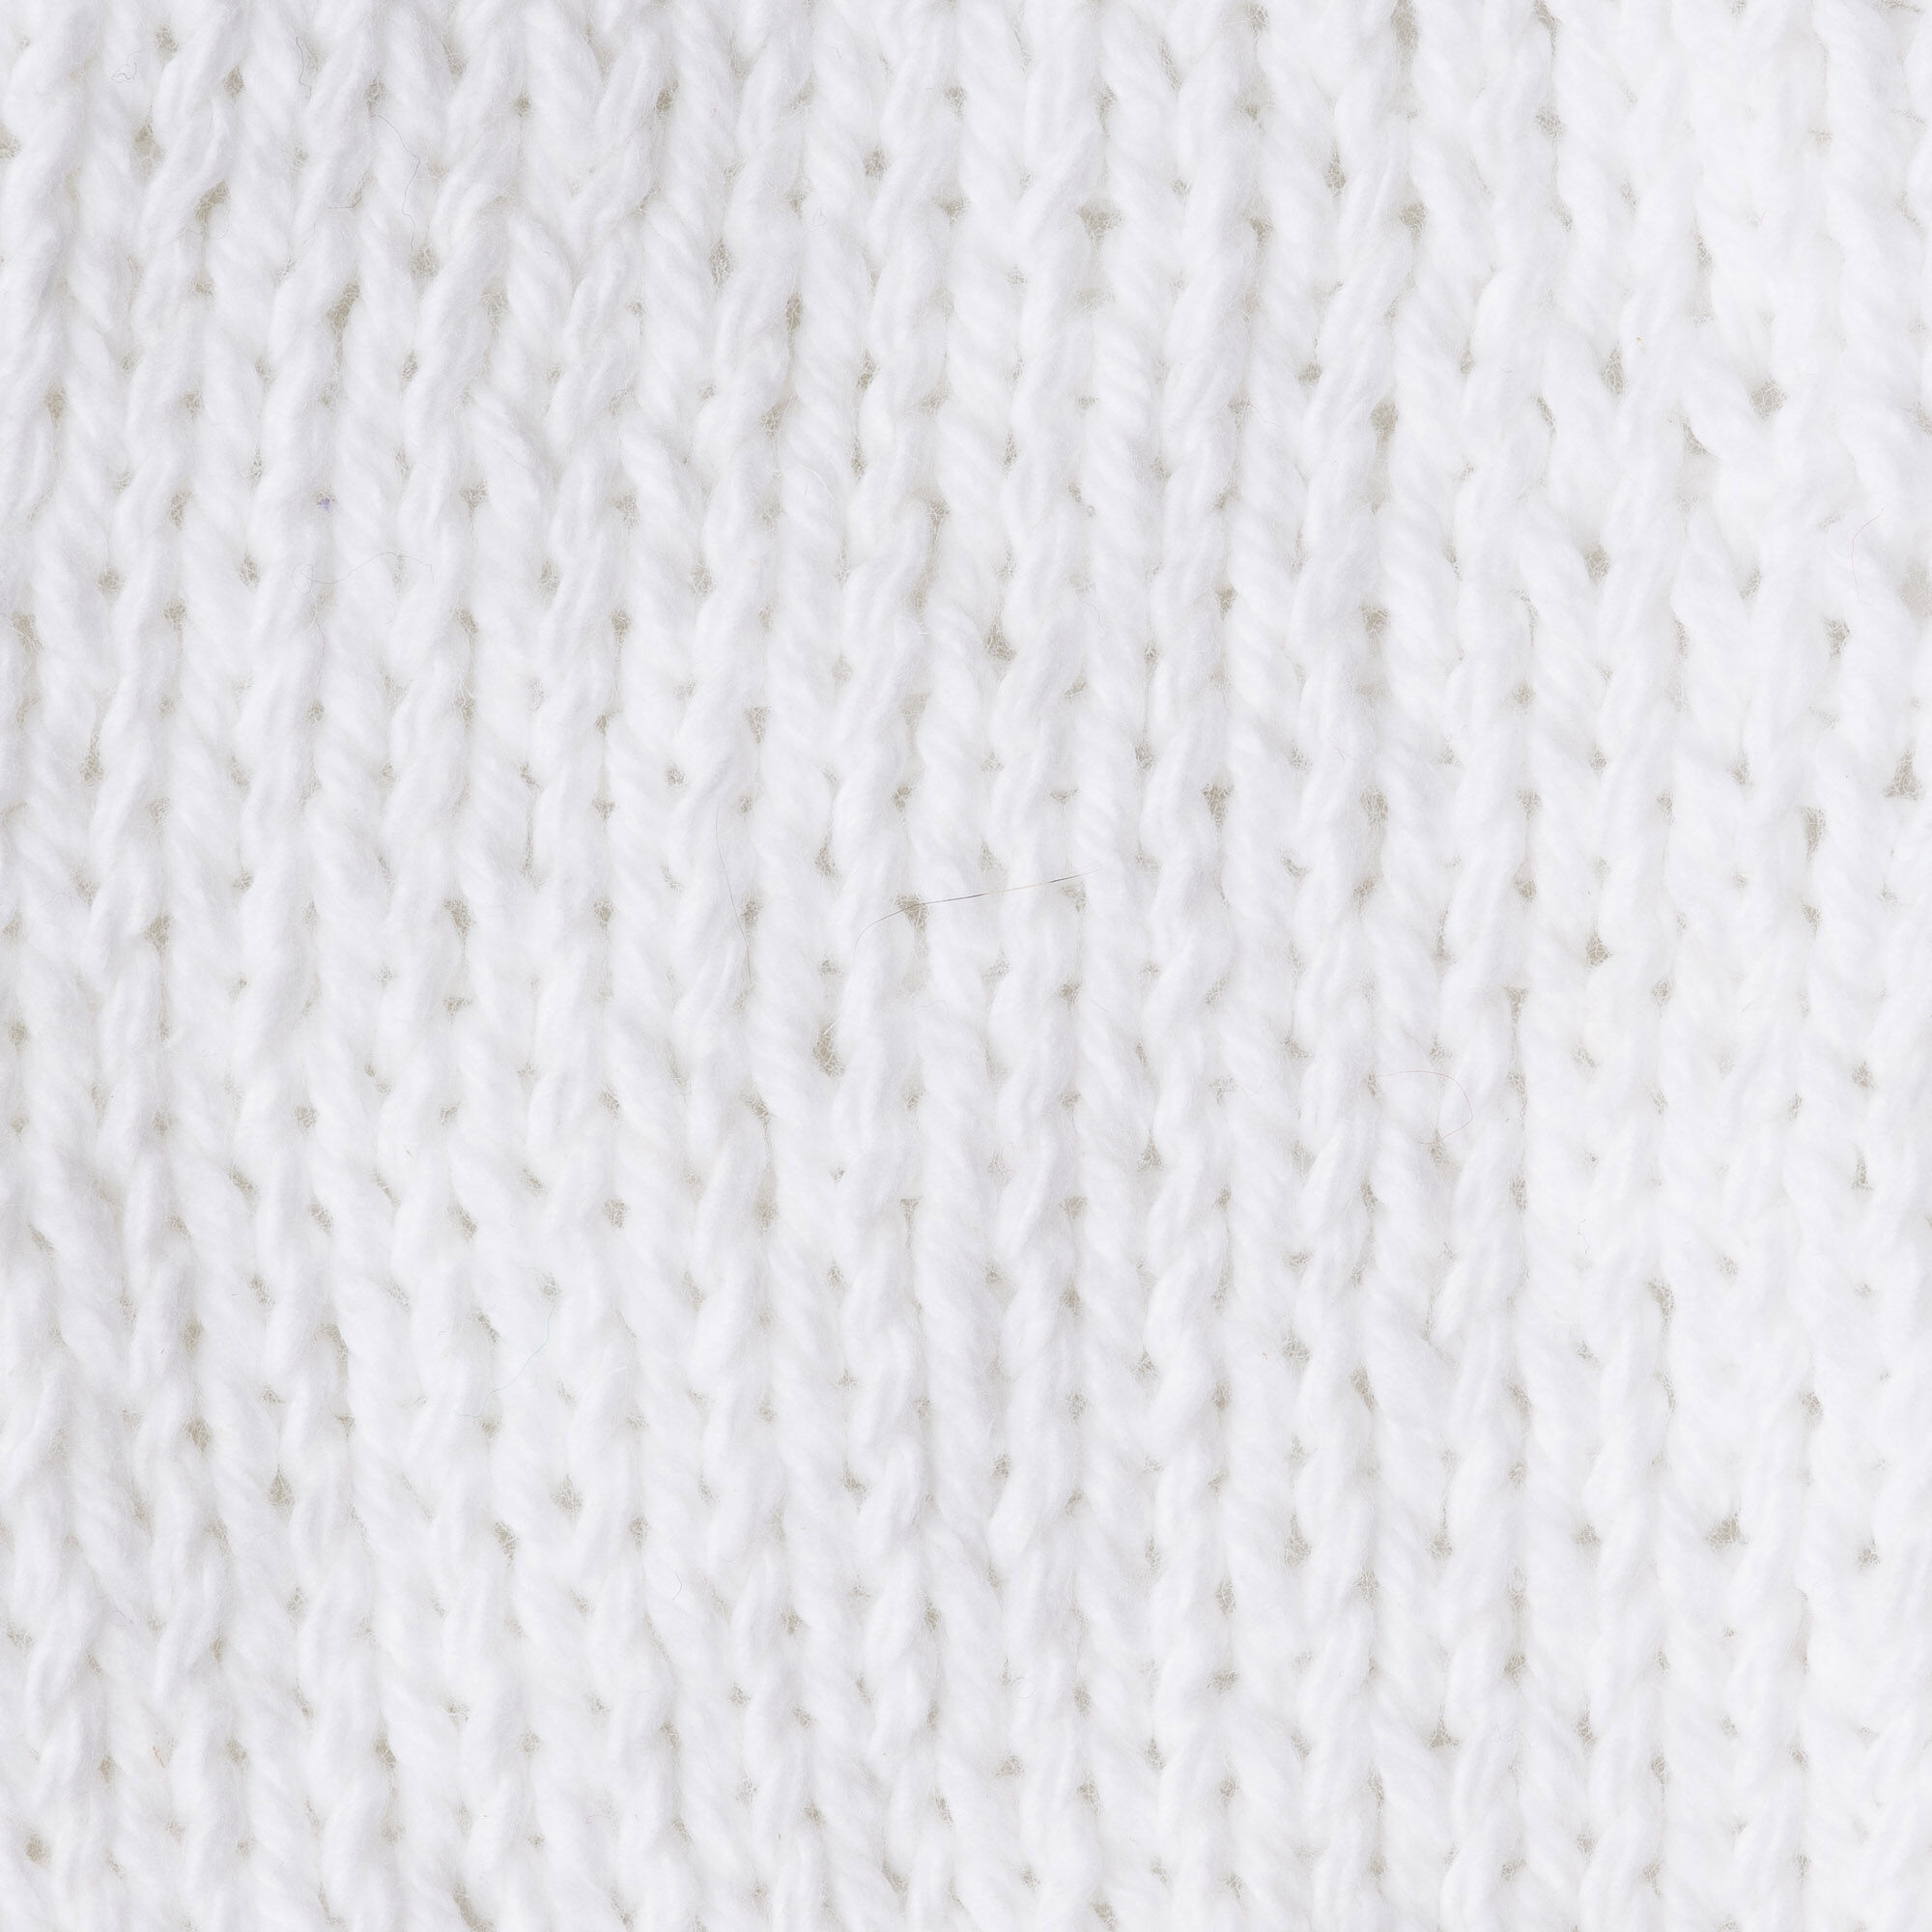 Knitting Patterns Cotton Yarn